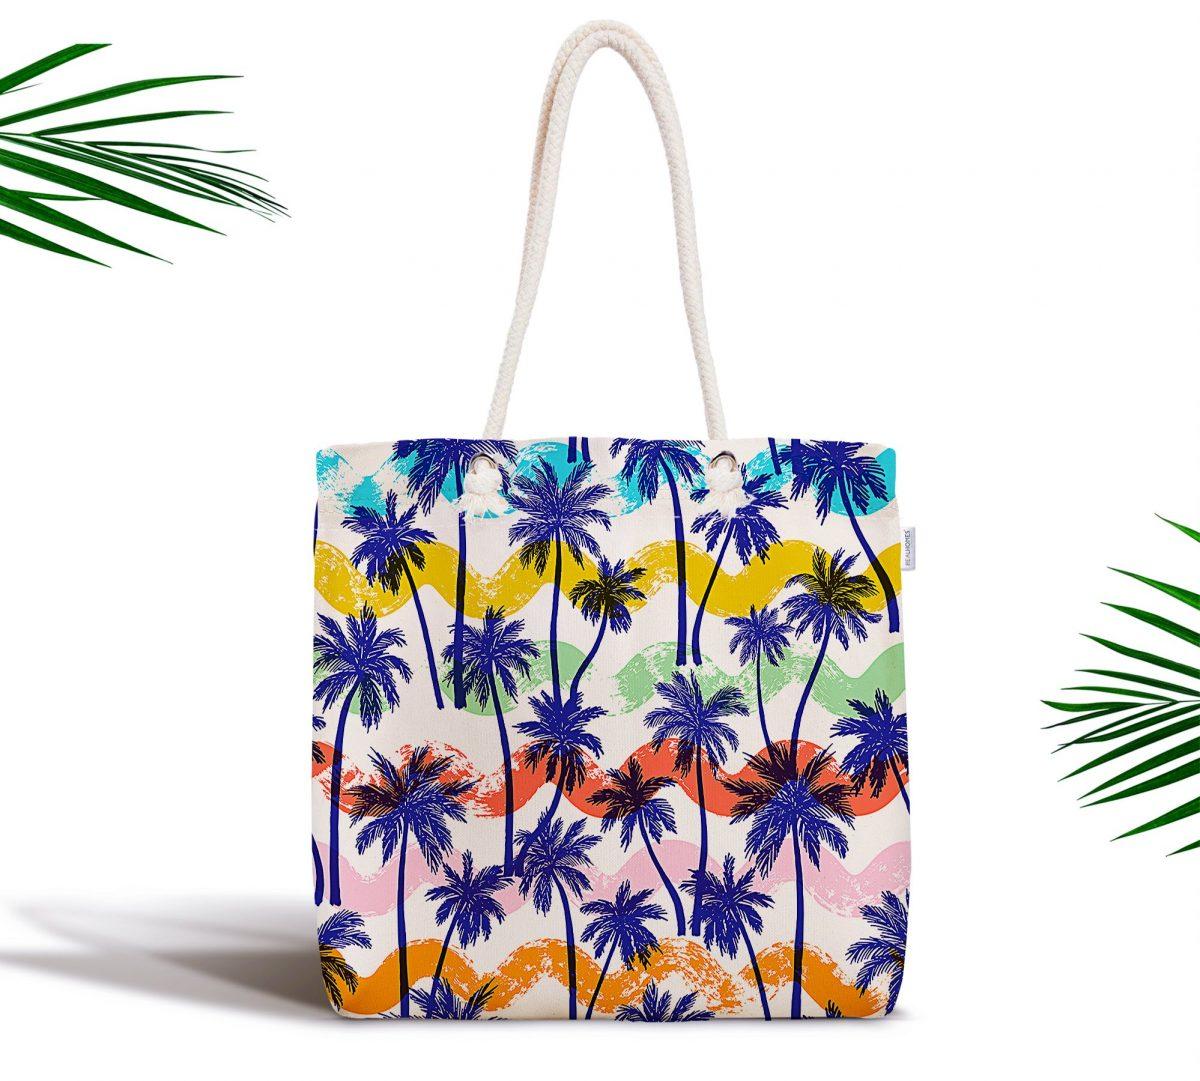 Renkli Palmiyeler Özel Tasarım Fermuarlı Kumaş Çanta Realhomes